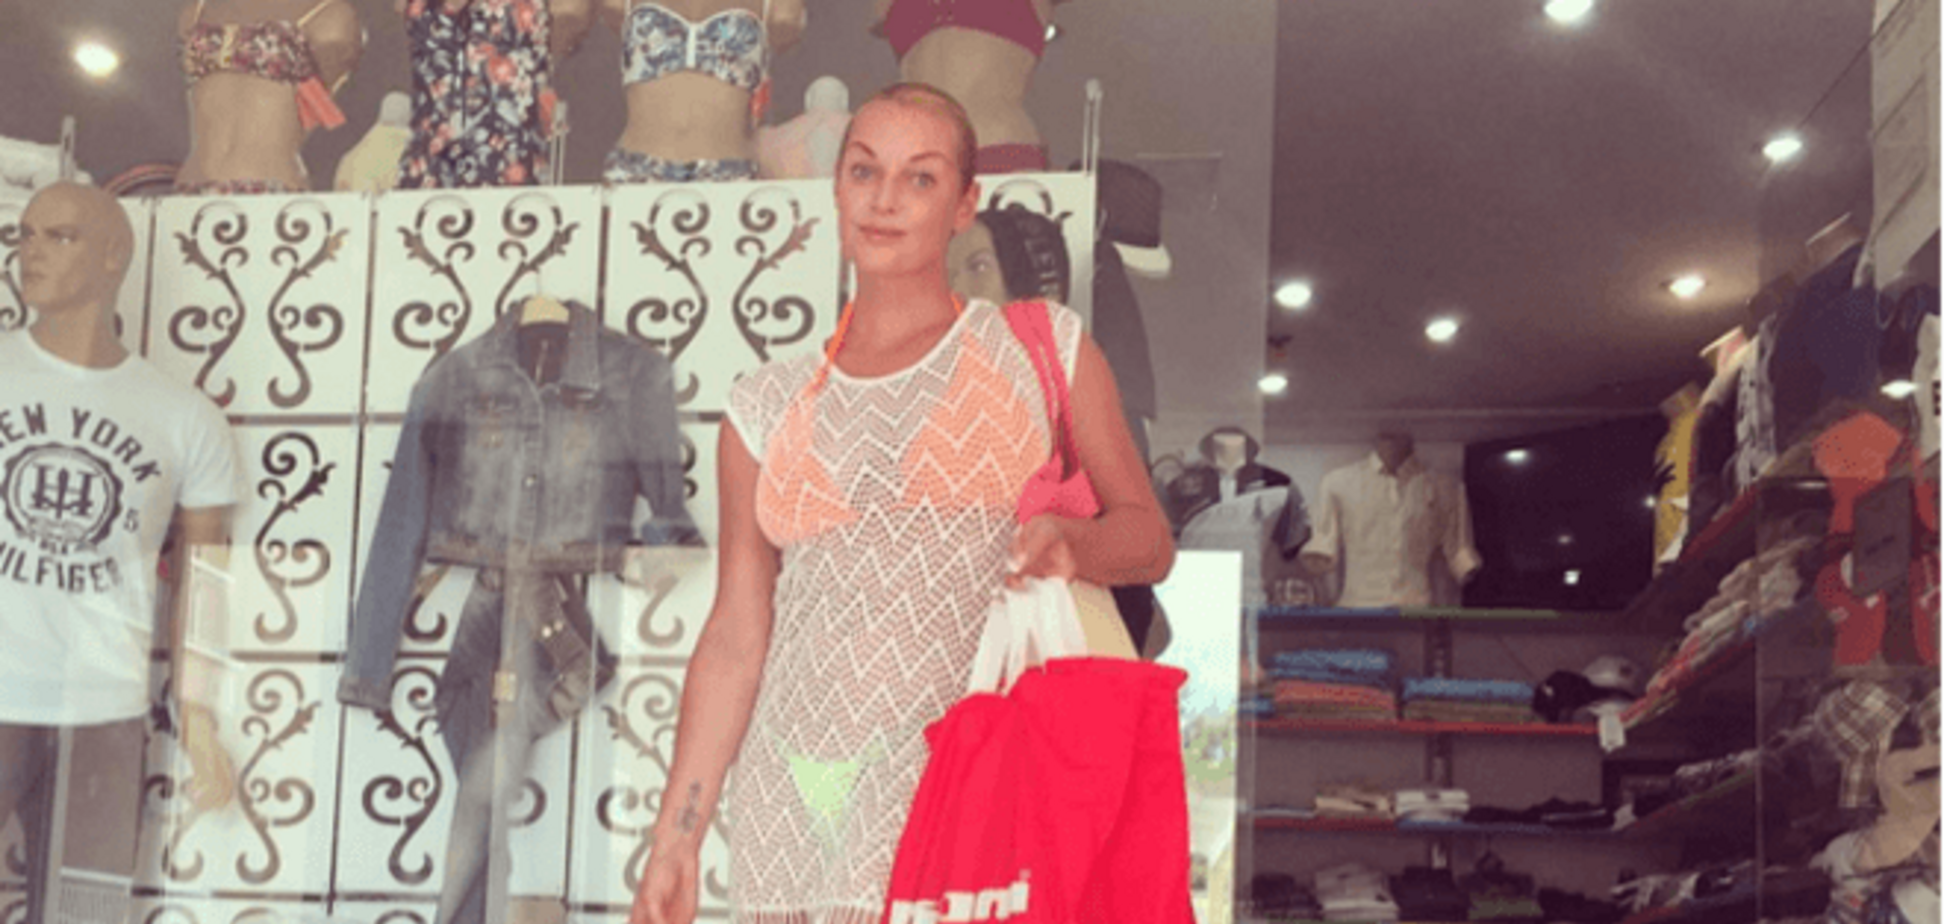 Волочкова скупила турецкий рынок и завалила дочь пакетами: фотофакт